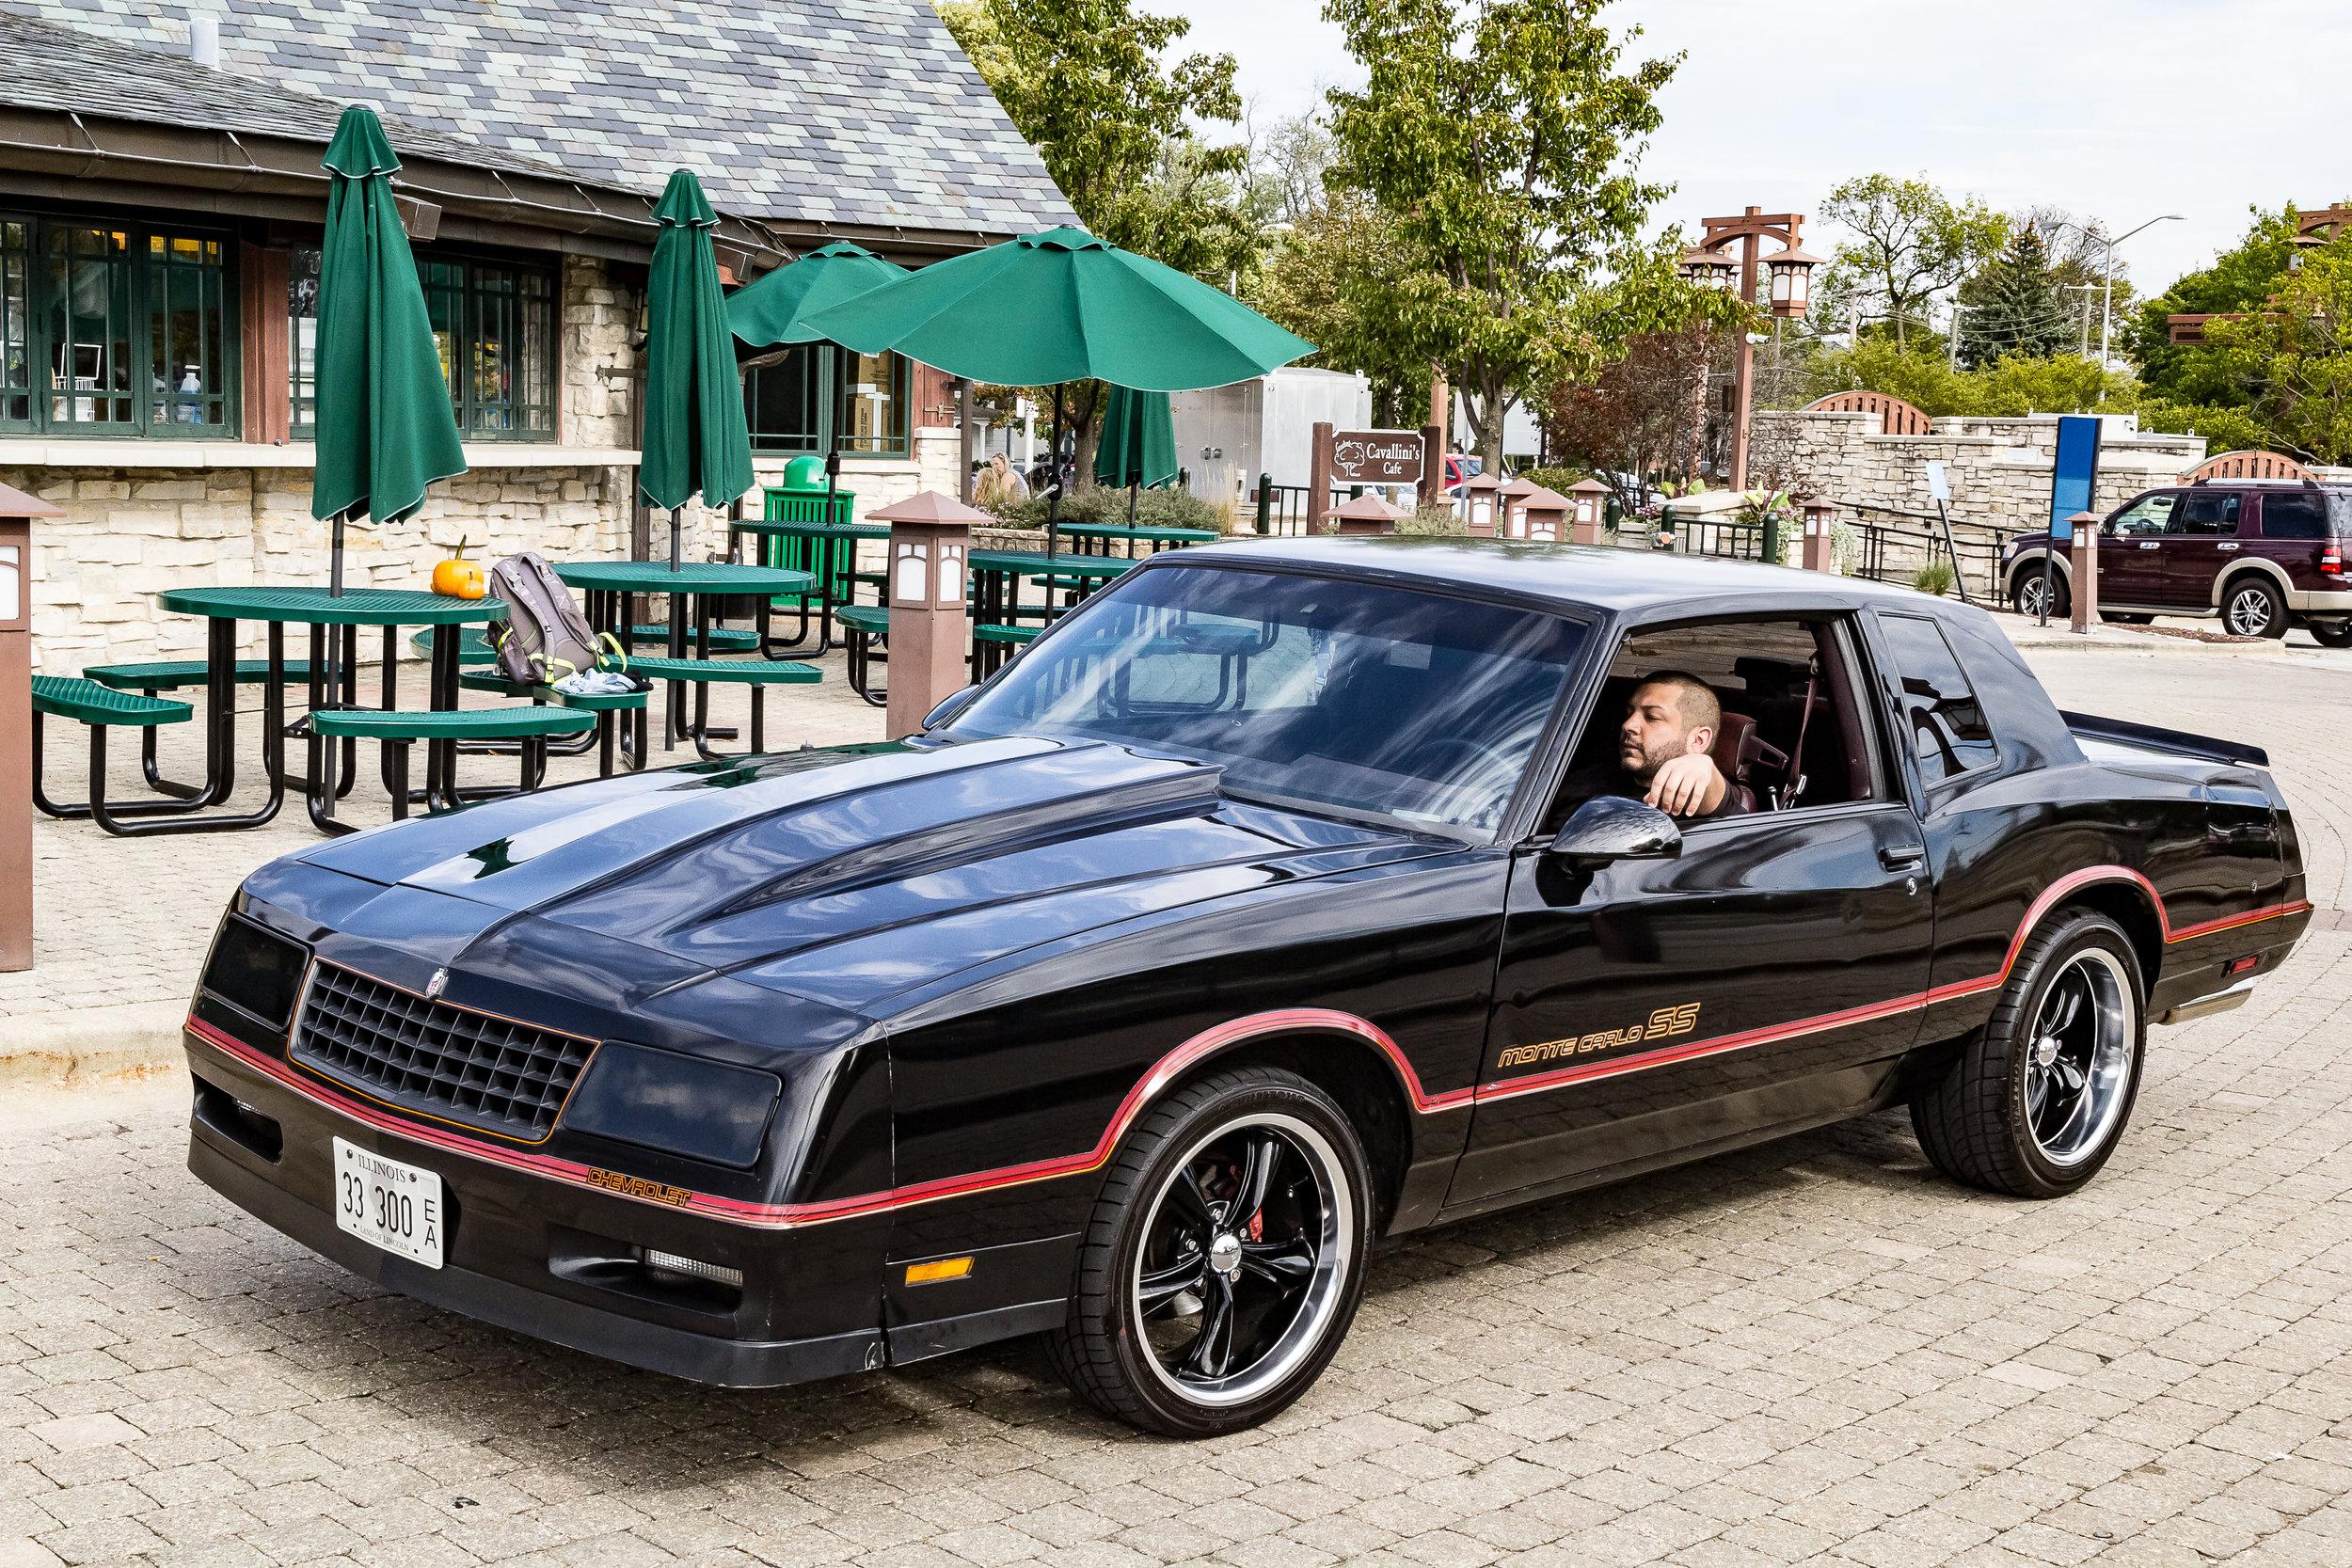 tony_car.jpg